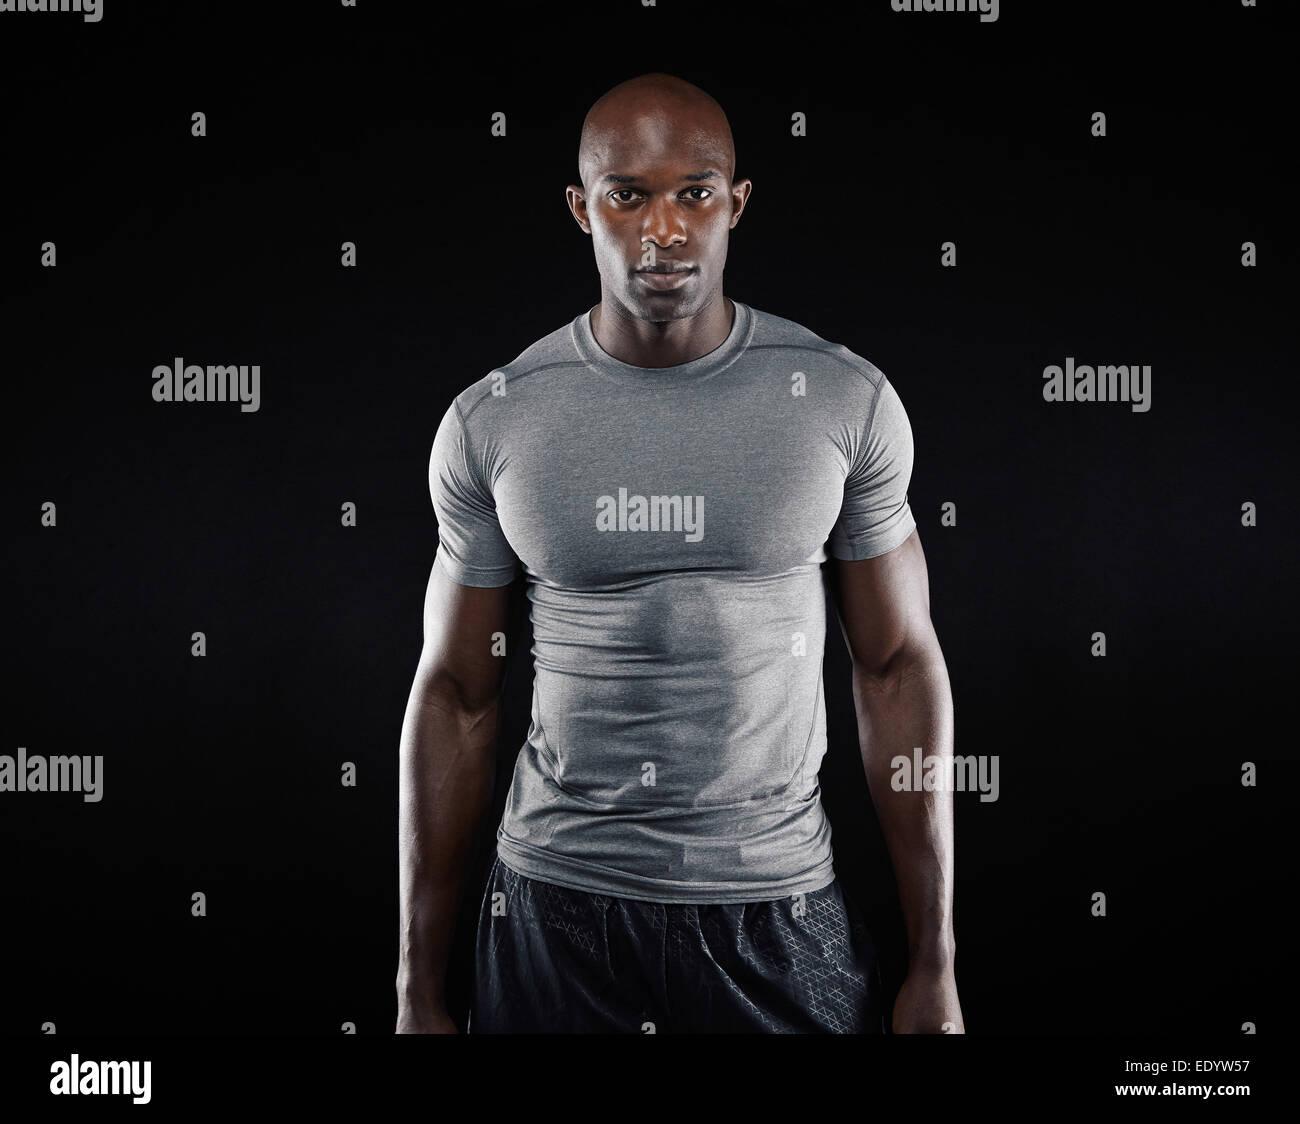 Portrait de jeune homme fit construire musculaire avec l'article sur fond noir. L'afro-américain modèle Photo Stock